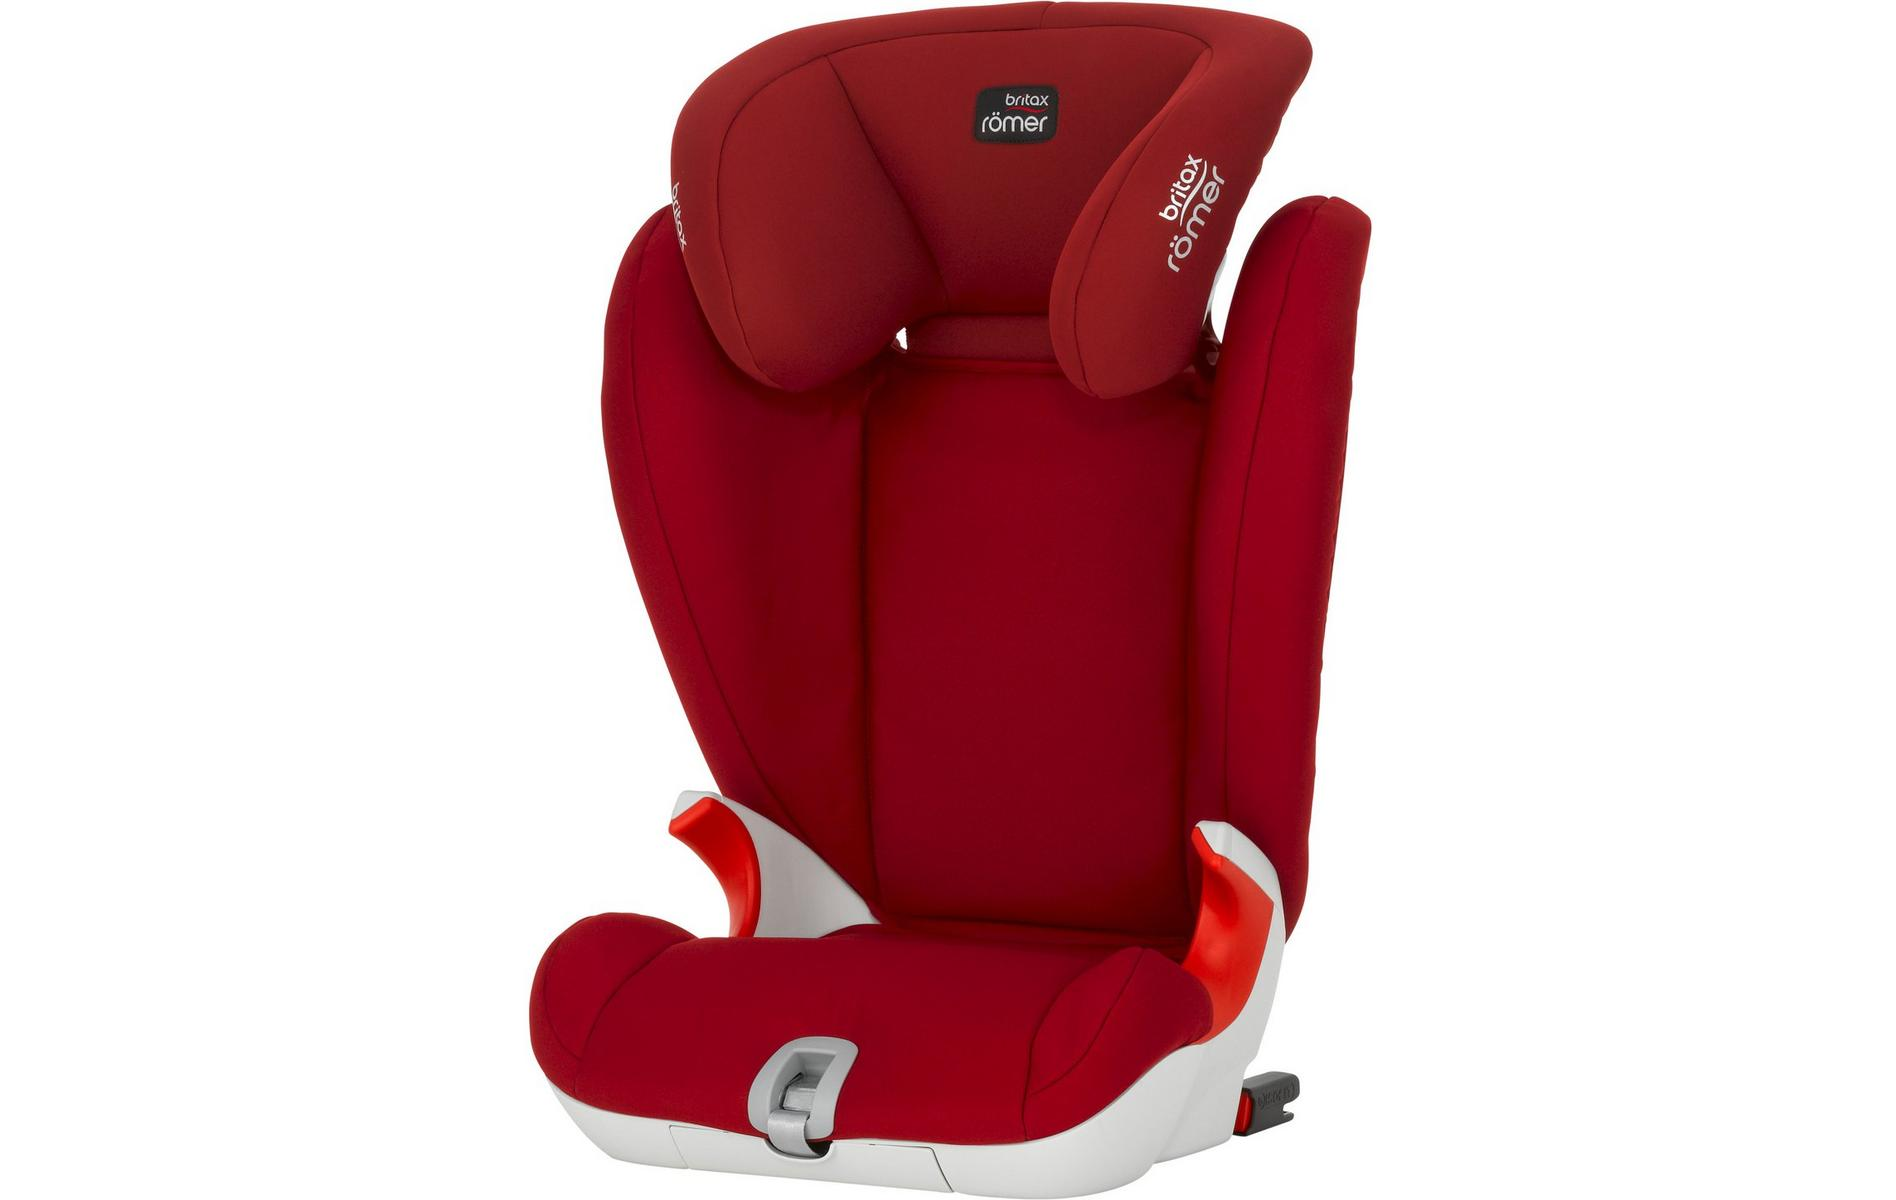 Britax Romer KIDFIX SL Booster Seat